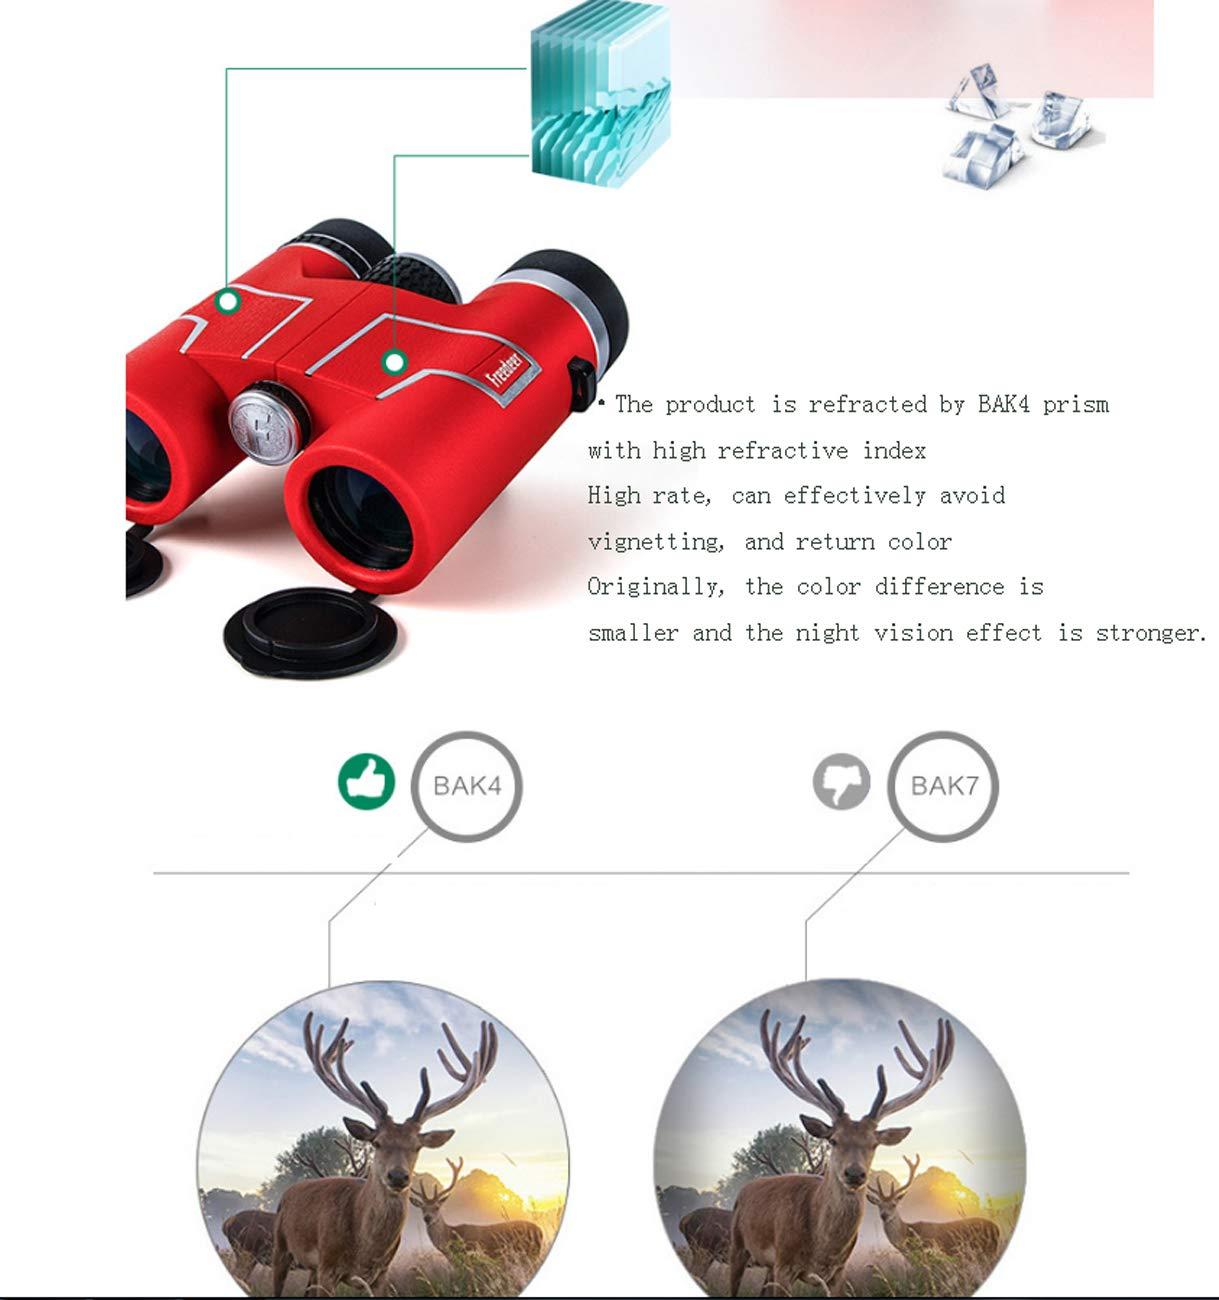 8x32 Prismáticos Impermeables Zoom Prismáticos Ultra HD FMC Tache Prismáticos con Tache FMC para Observación de Aves Observación del Paisaje Juego de Pelota de Pie Caza Pesca Viajar 985f27